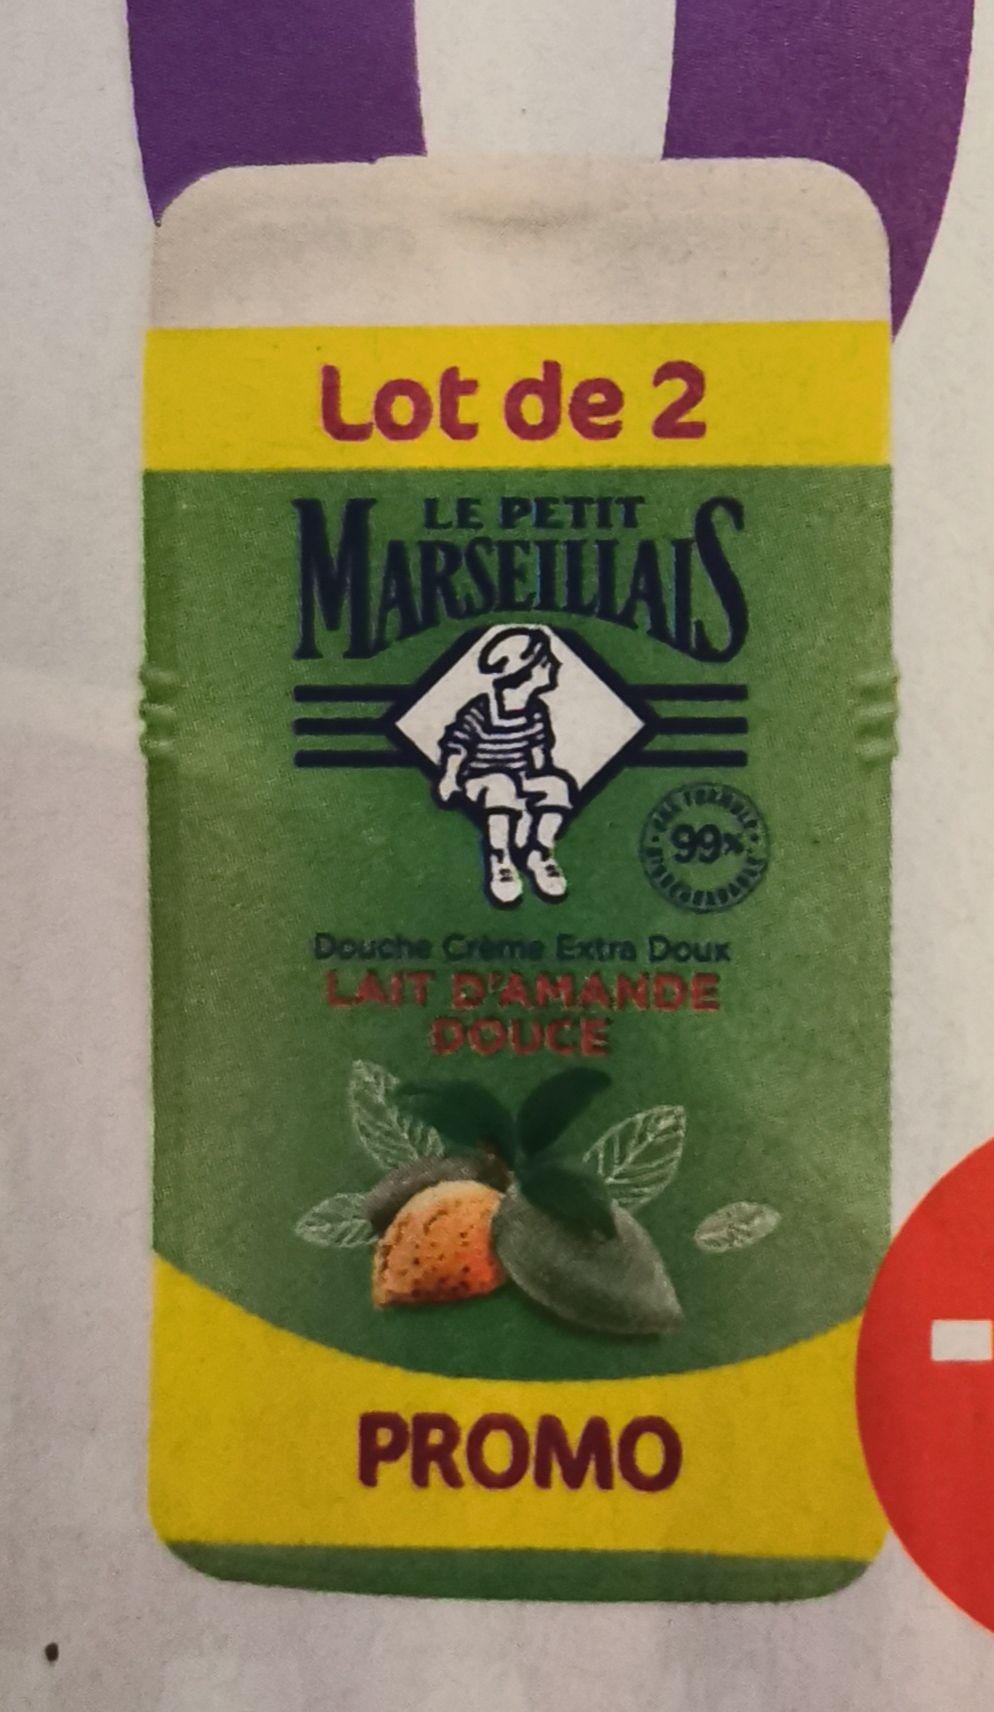 Lot de 2 gels douche Le Petit Marseillais - 2 x 250ml, différentes variétés (via 1.34€ sur la carte de fidélité)